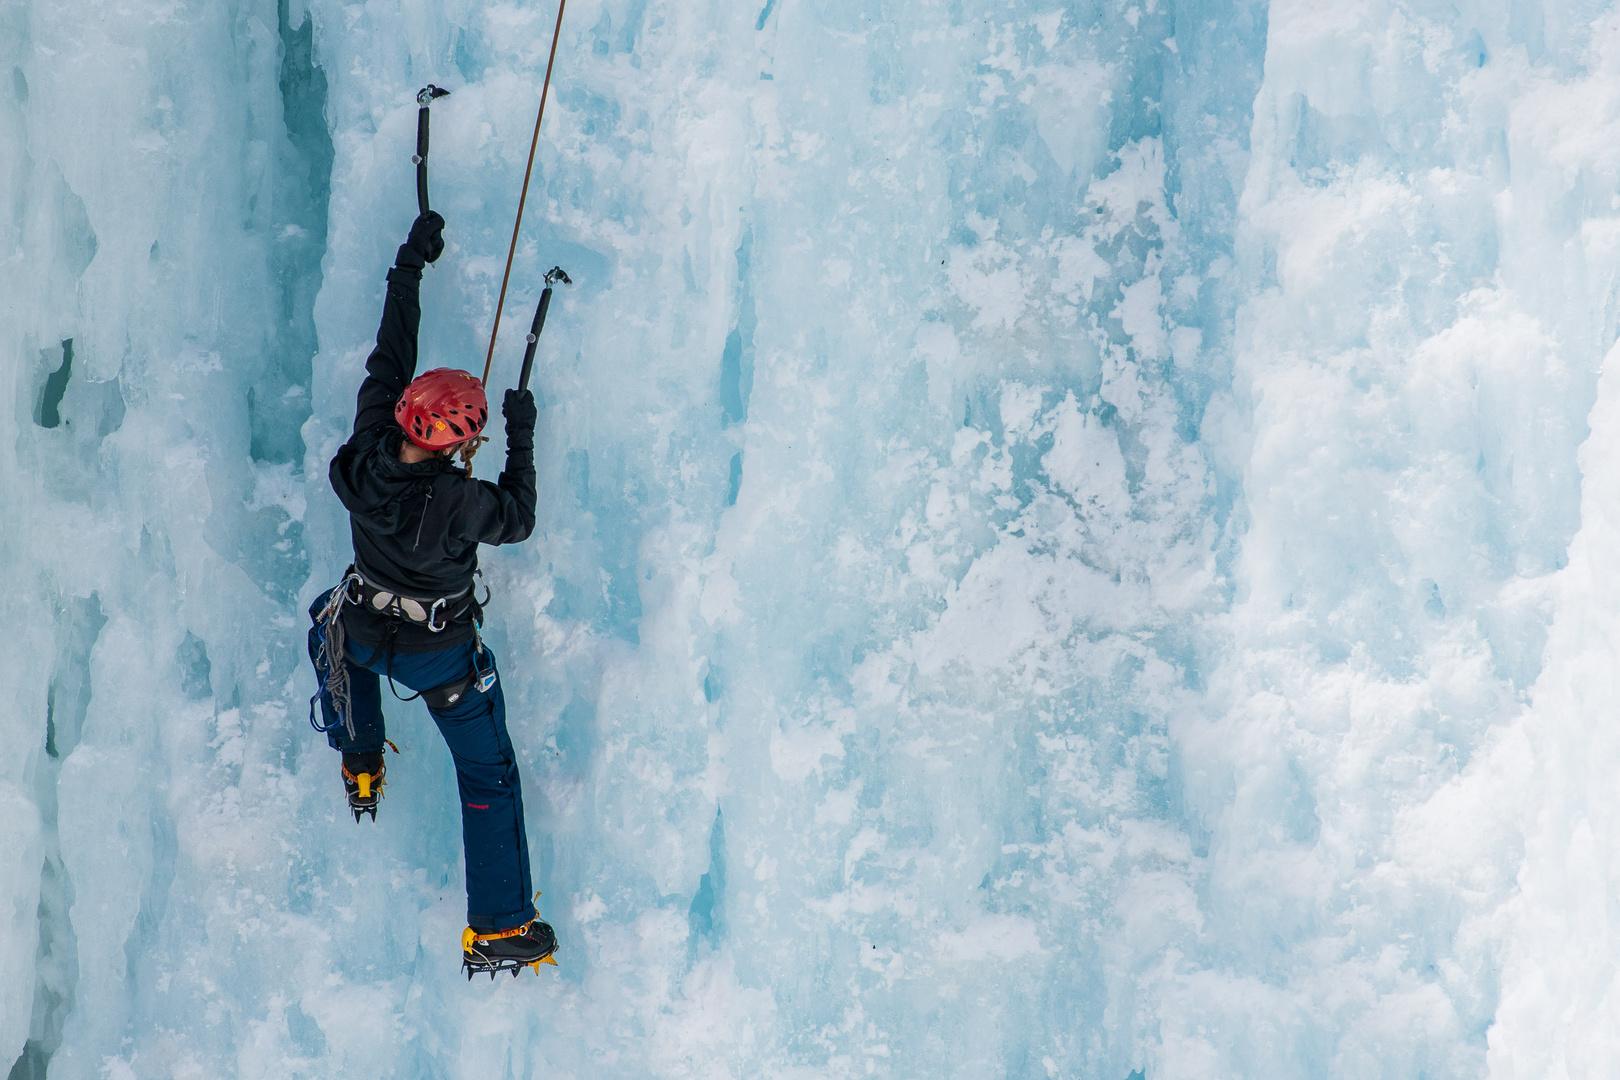 Eisklettern in Pontresina